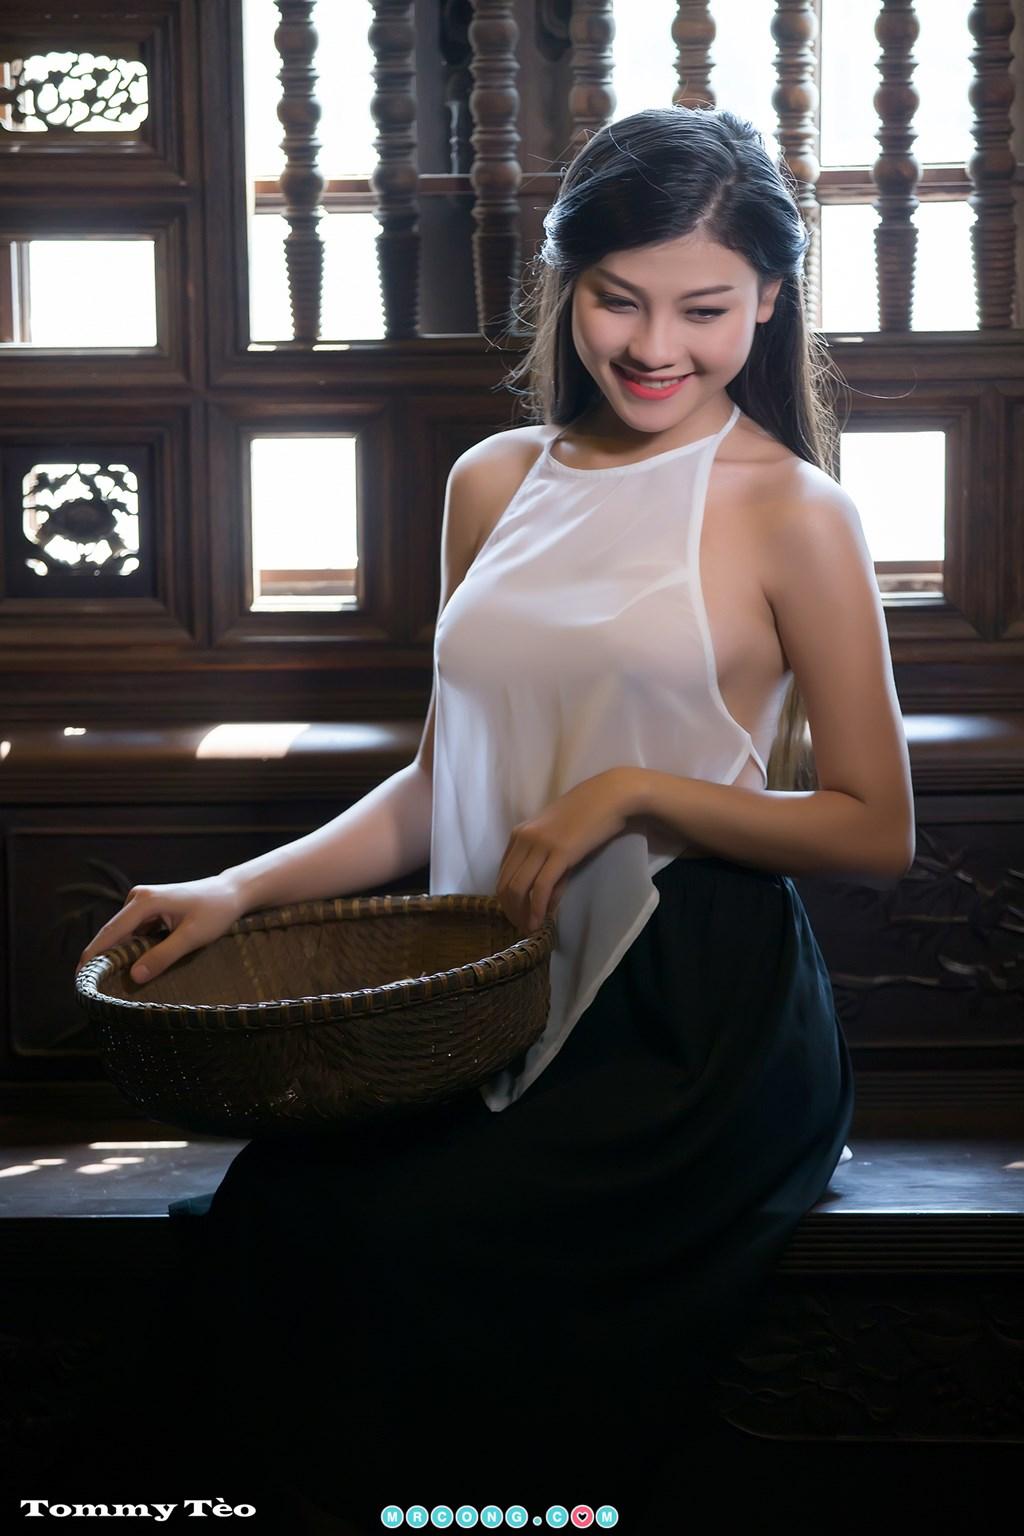 Image Nhung-Nguyen-by-Dang-Thanh-Tung-Tommy-Teo-MrCong.com-002 in post Nóng cả người với bộ ảnh thiếu nữ thả rông ngực mặc áo yếm mỏng tang (19 ảnh)